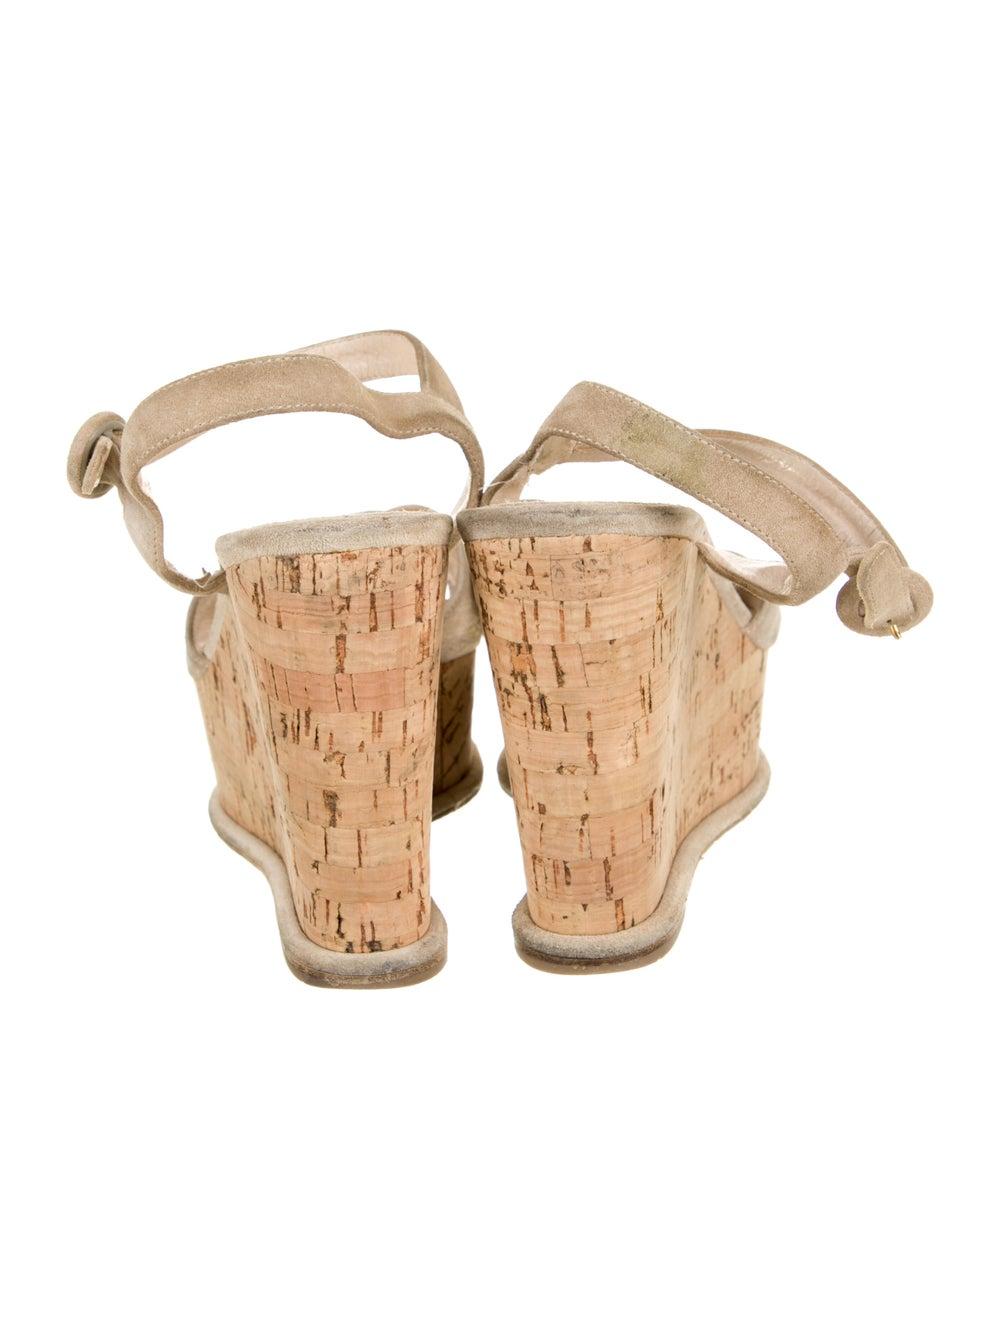 Prada Suede Sandals - image 4